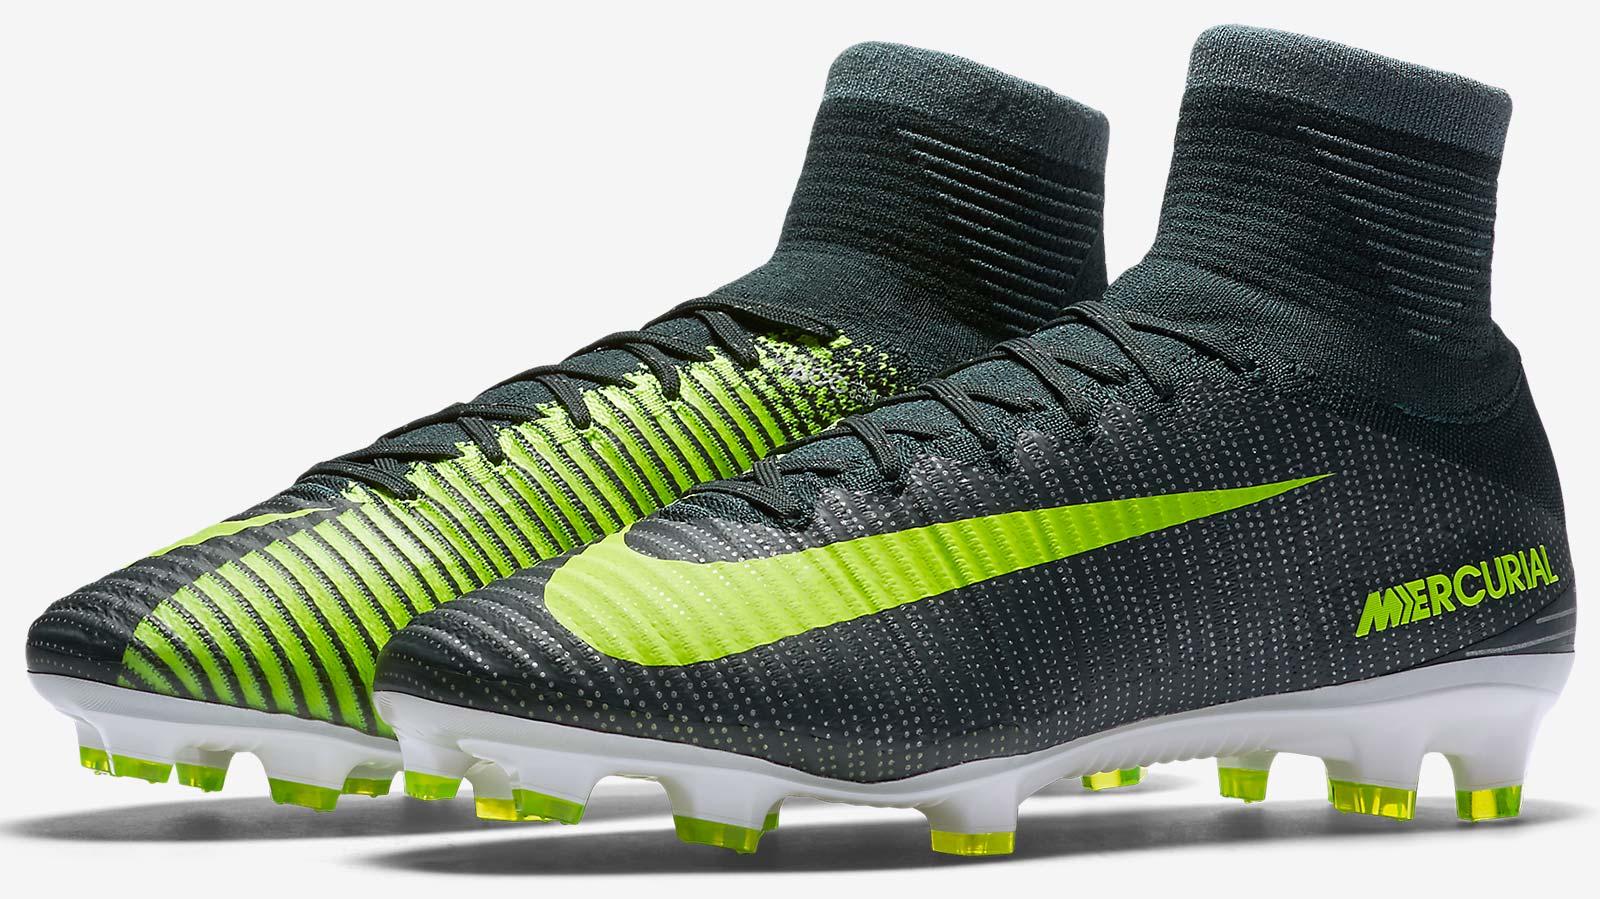 Discovery Nike Shoe